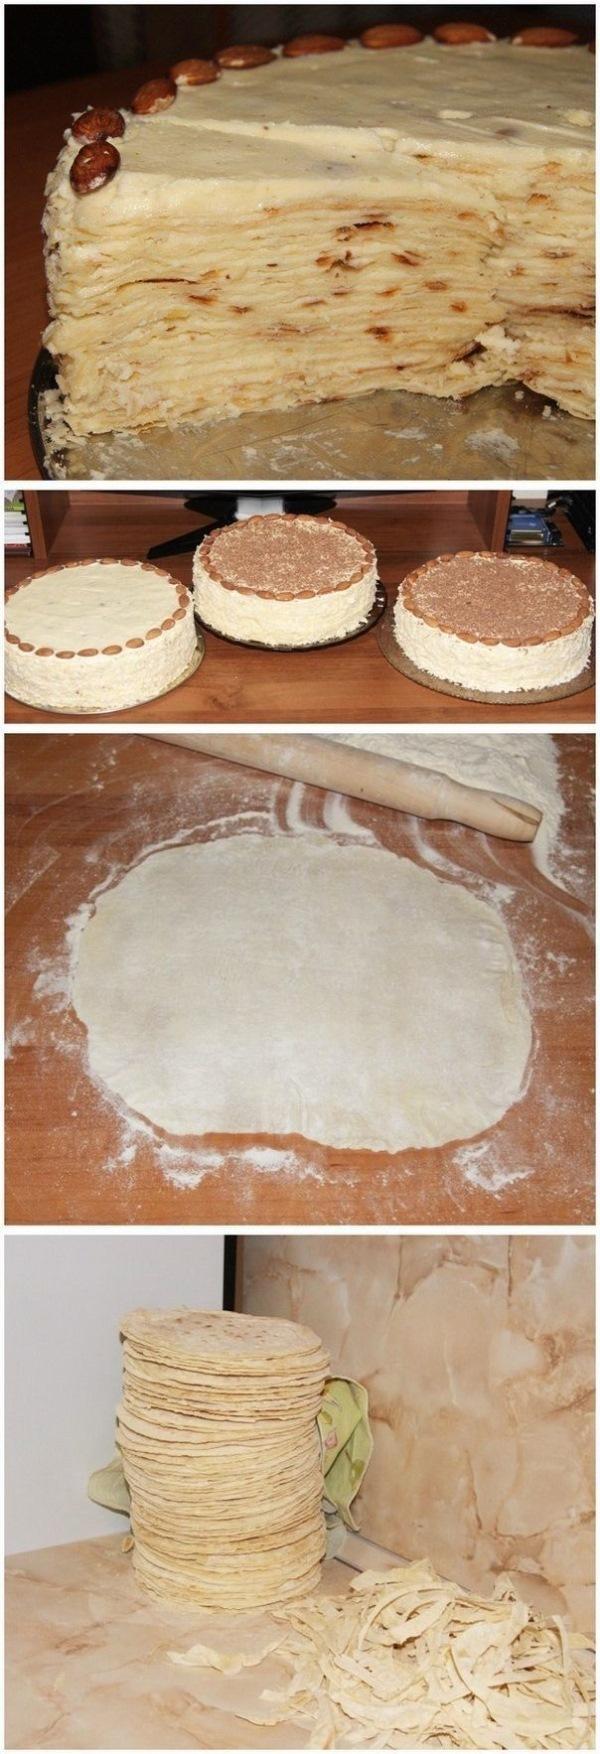 Торт Наполеон на сковороде ВСЕГДА получается на ура. Готовлю за 20 минут! Детки просят каждые выходные.